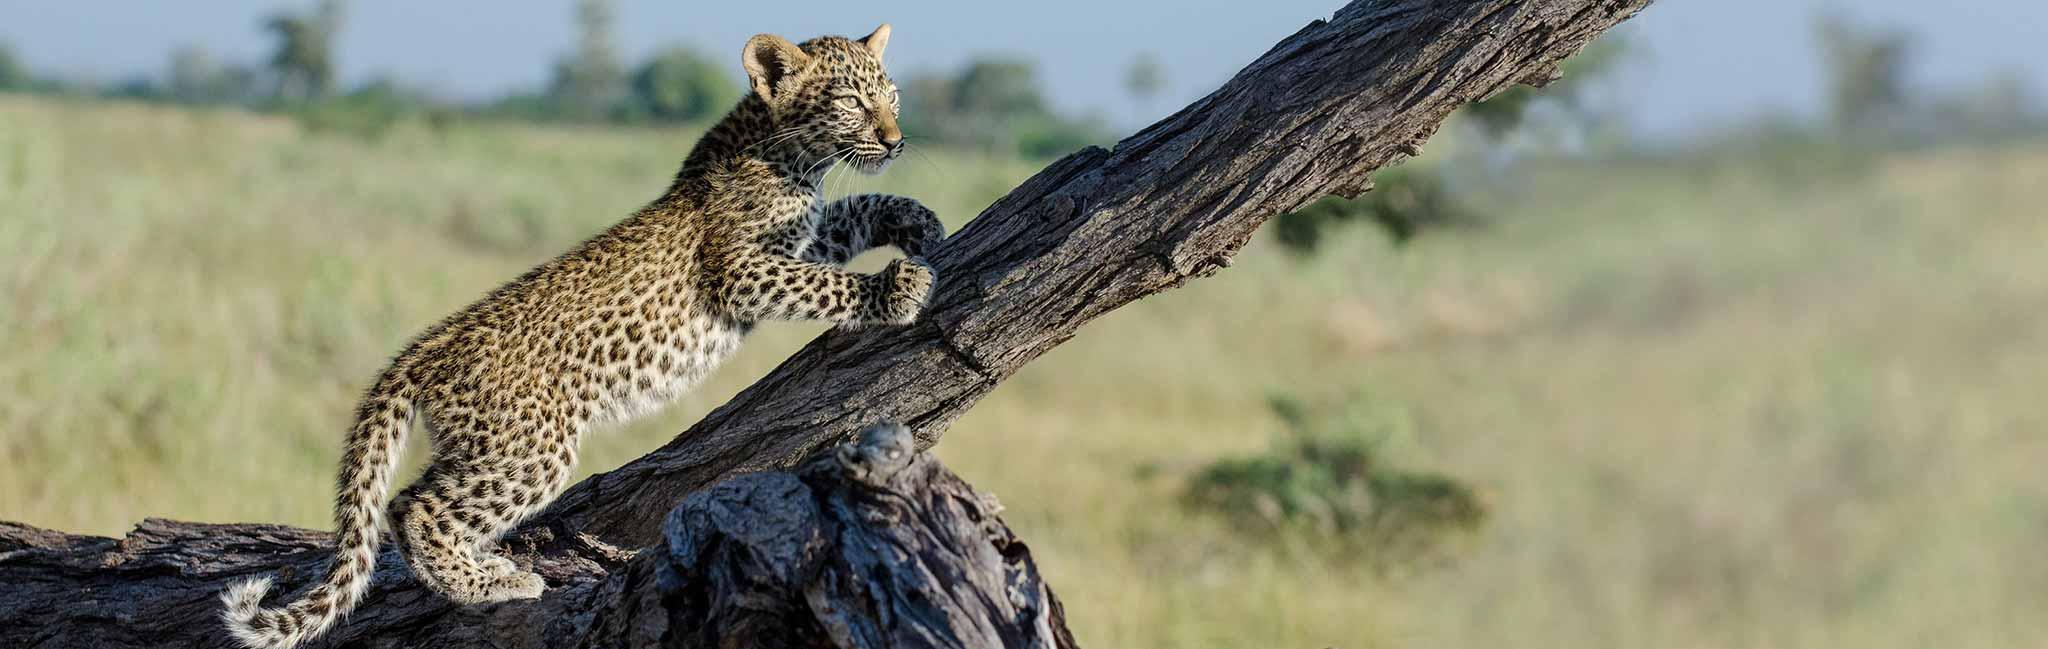 Kenya safari - Leopard cub climbing tree